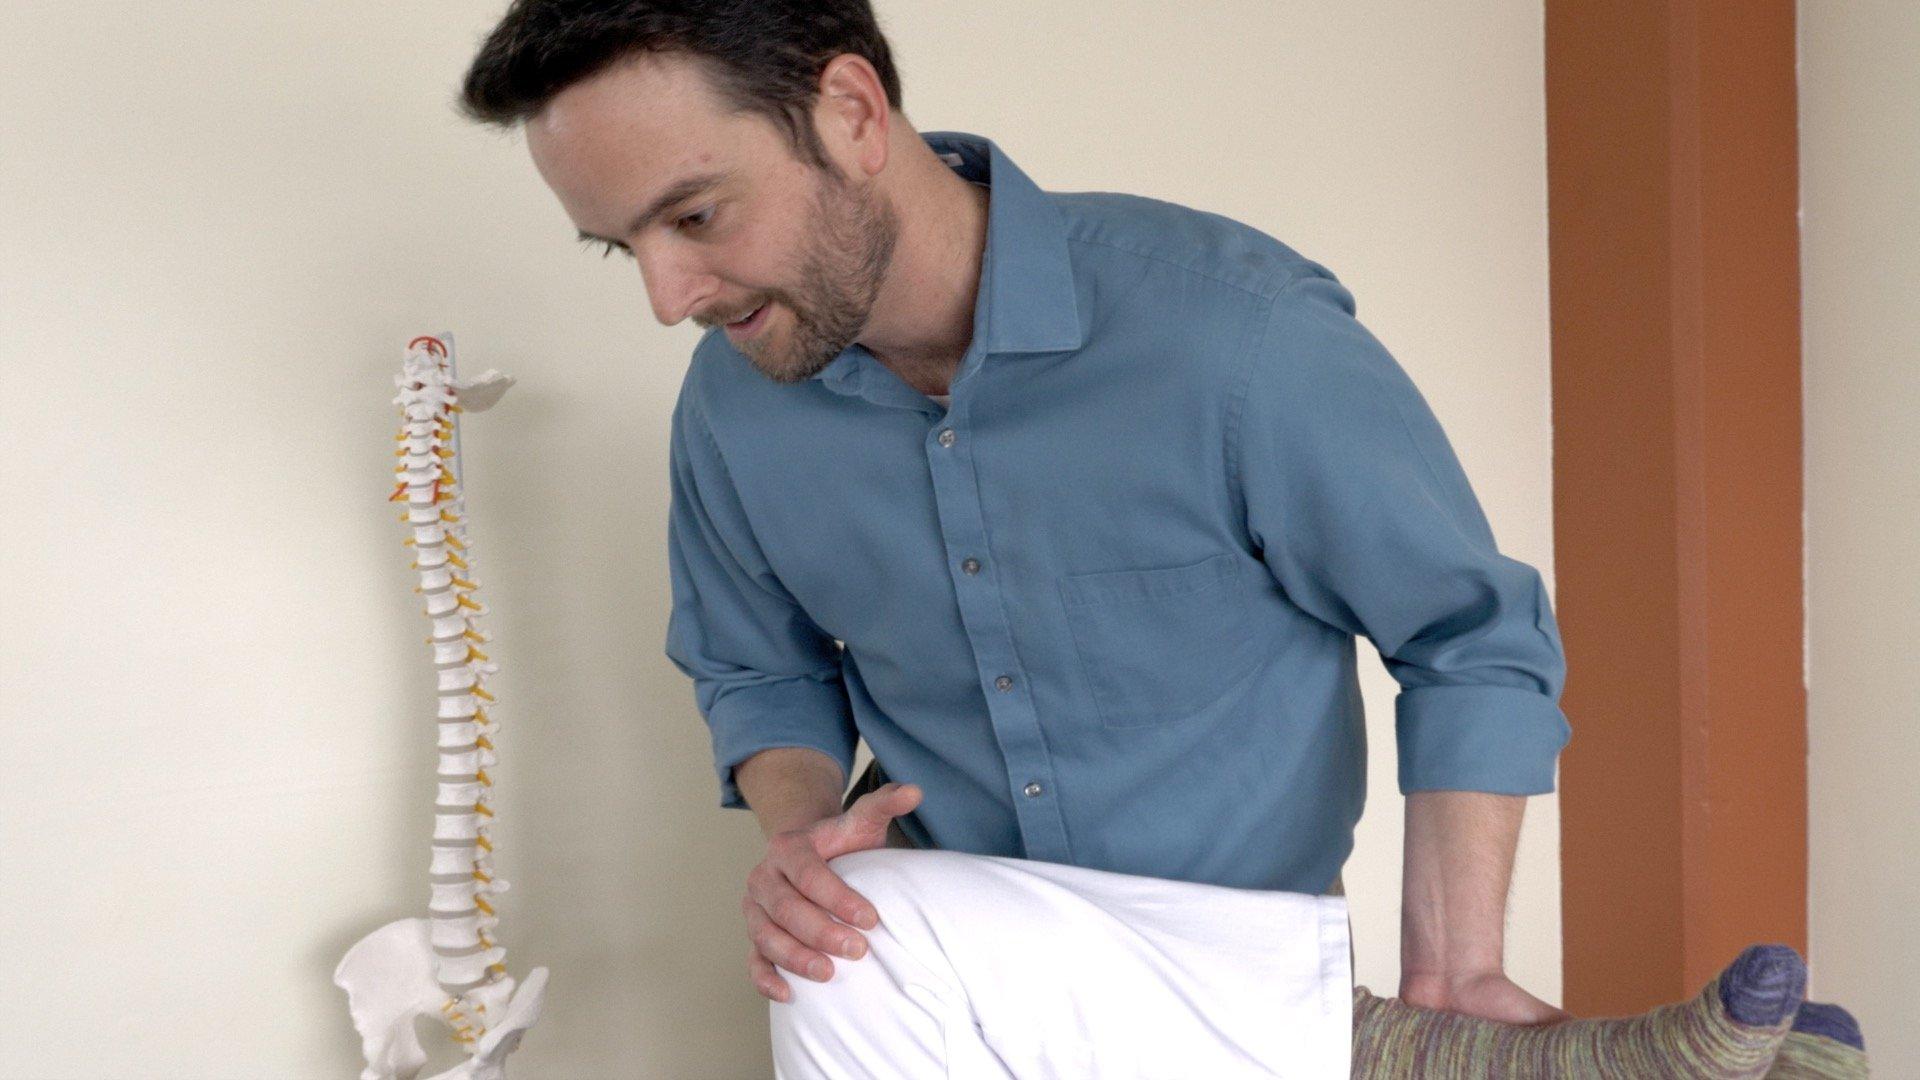 Cascade_Spine_and_Injury_Stills_03